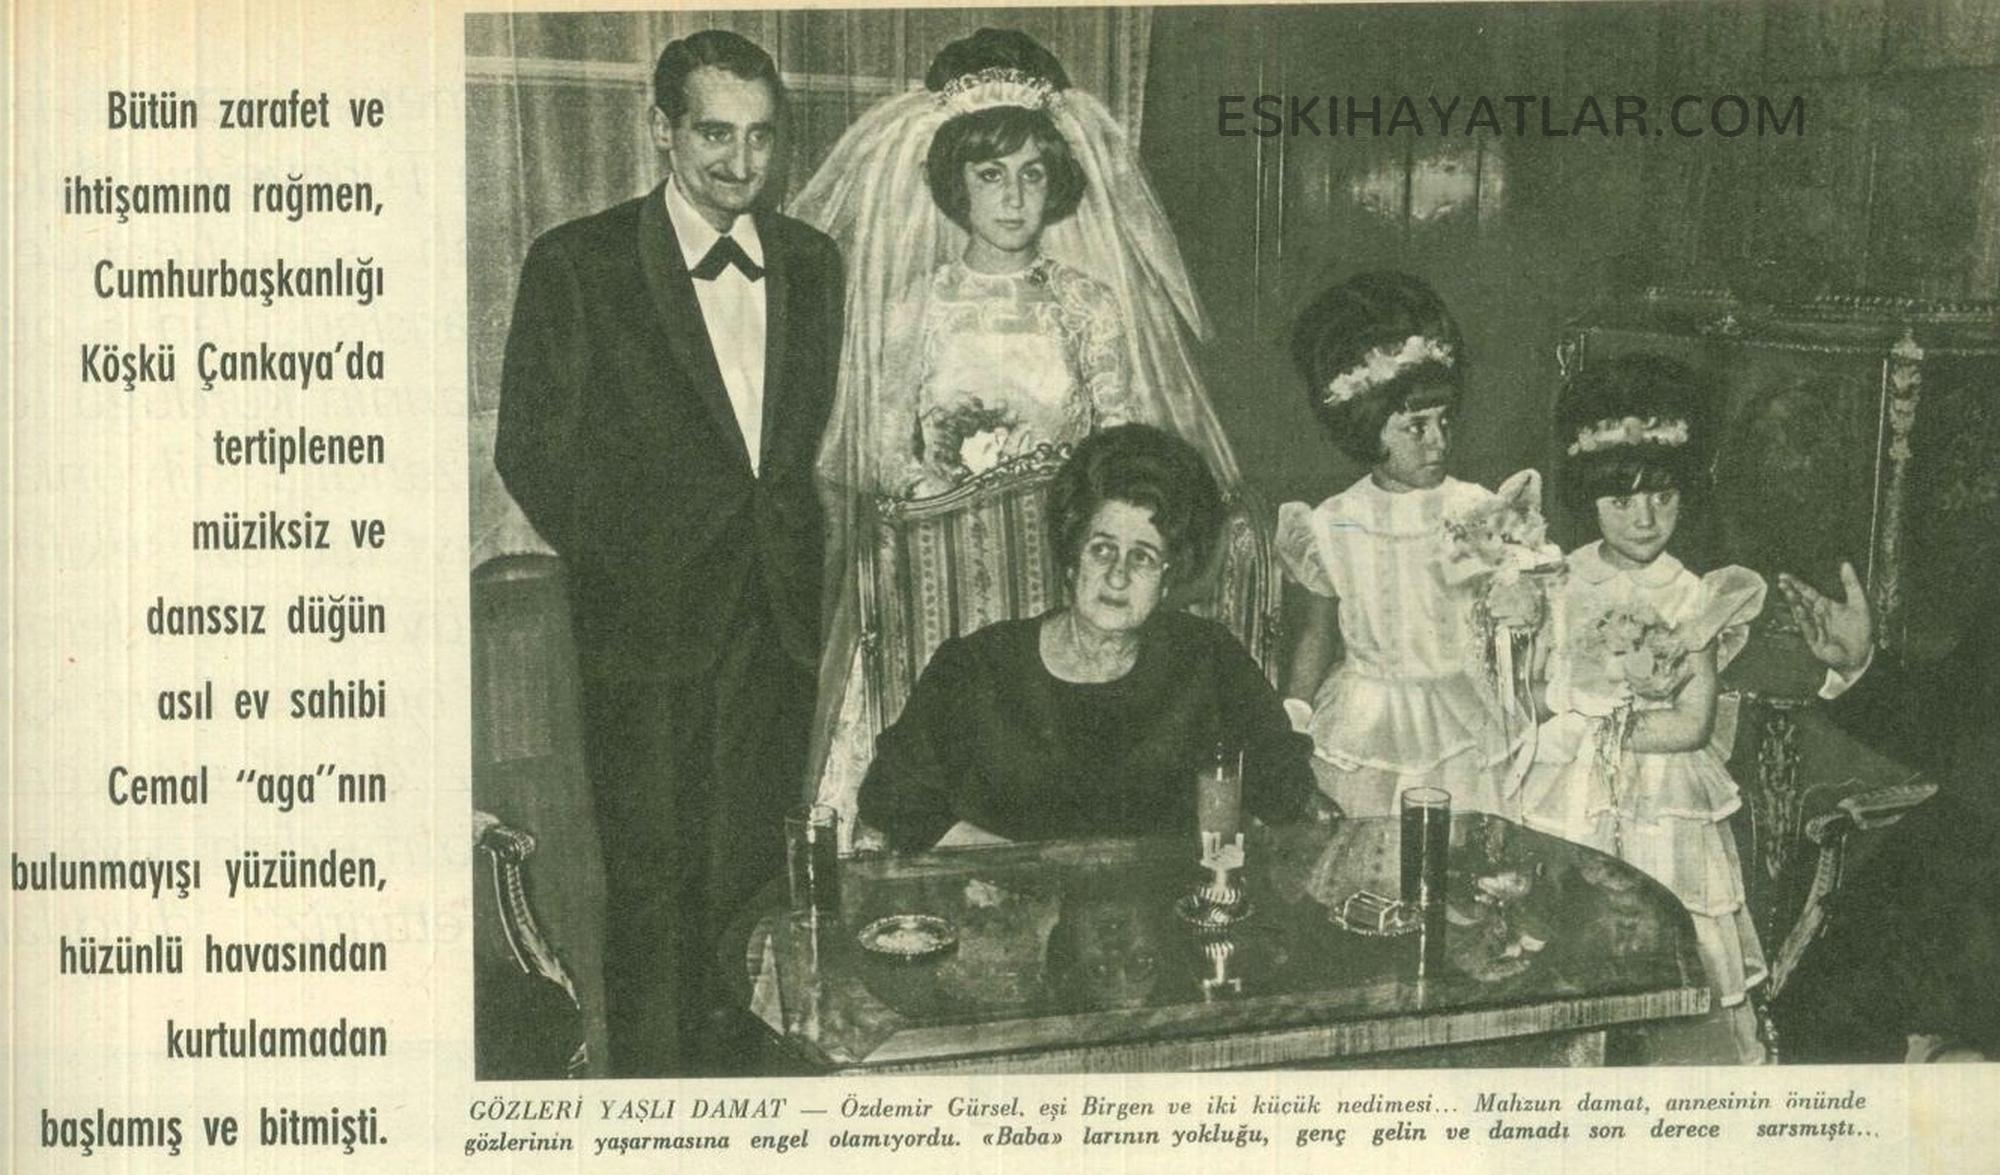 cemal-gursel-kimdir-cemal-aga-1960-ihtilali-cemal-gursel-ne-zaman-oldu-hayat-dergisi-1966-arsivleri (13)